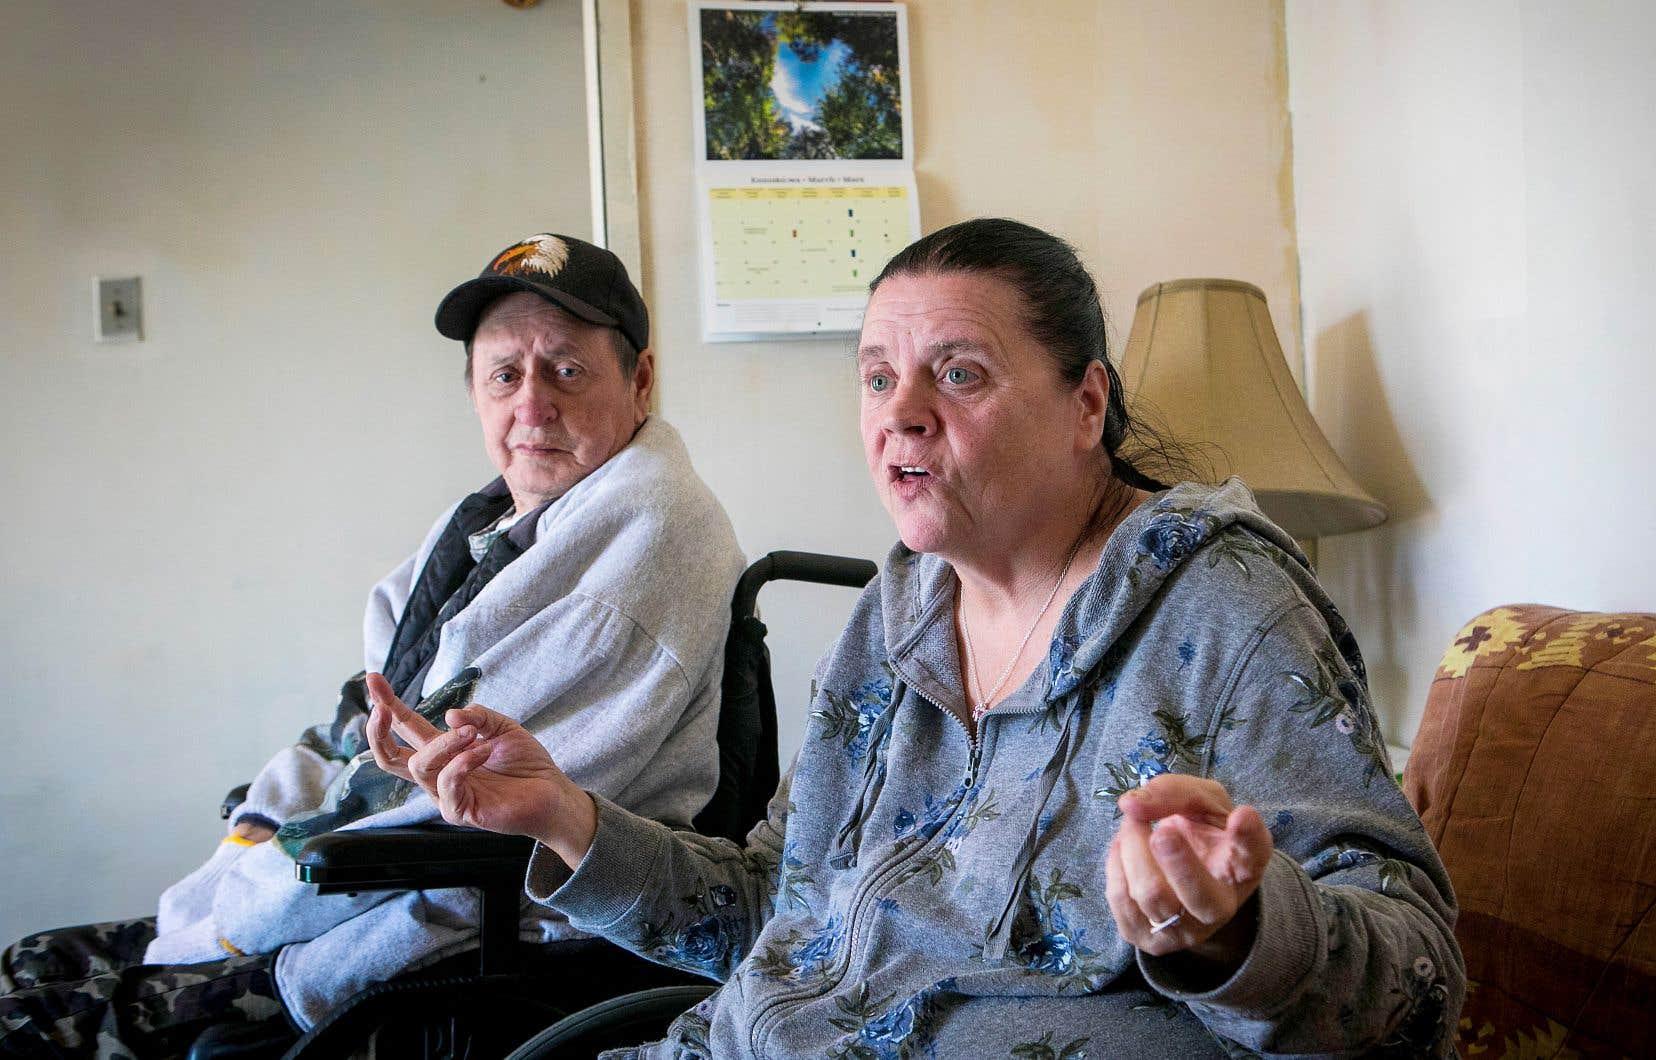 Après que son mari, Winston Soenrese Nelson, a été traité «comme un chien» à son retour de l'hôpital de Saint-Eustache, Cheryl Scott a entamé des démarches pour déposer une plainte formelle au CISSS des Laurentides.